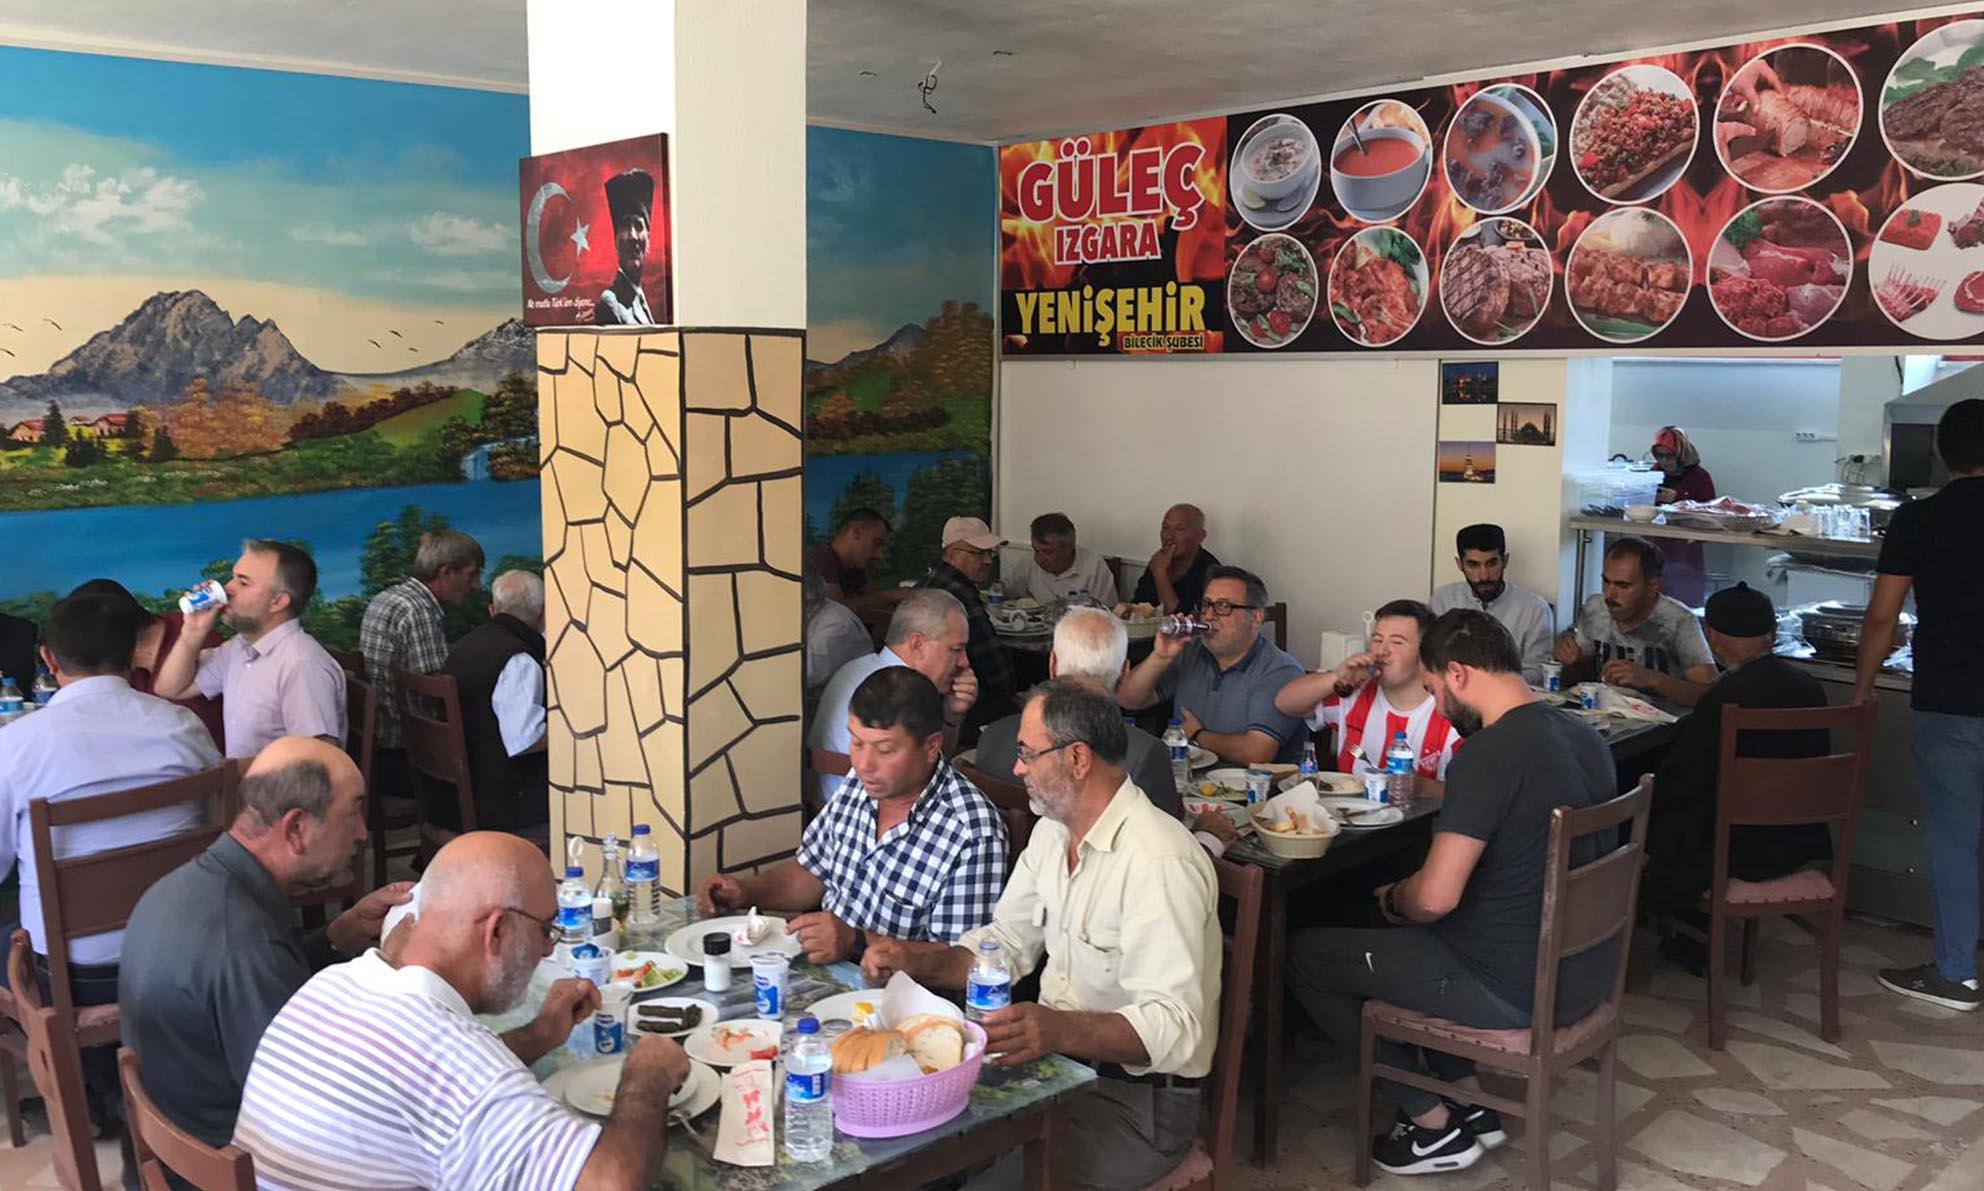 Yenişehir Güleç Izgara Artık Bilecik'te-13